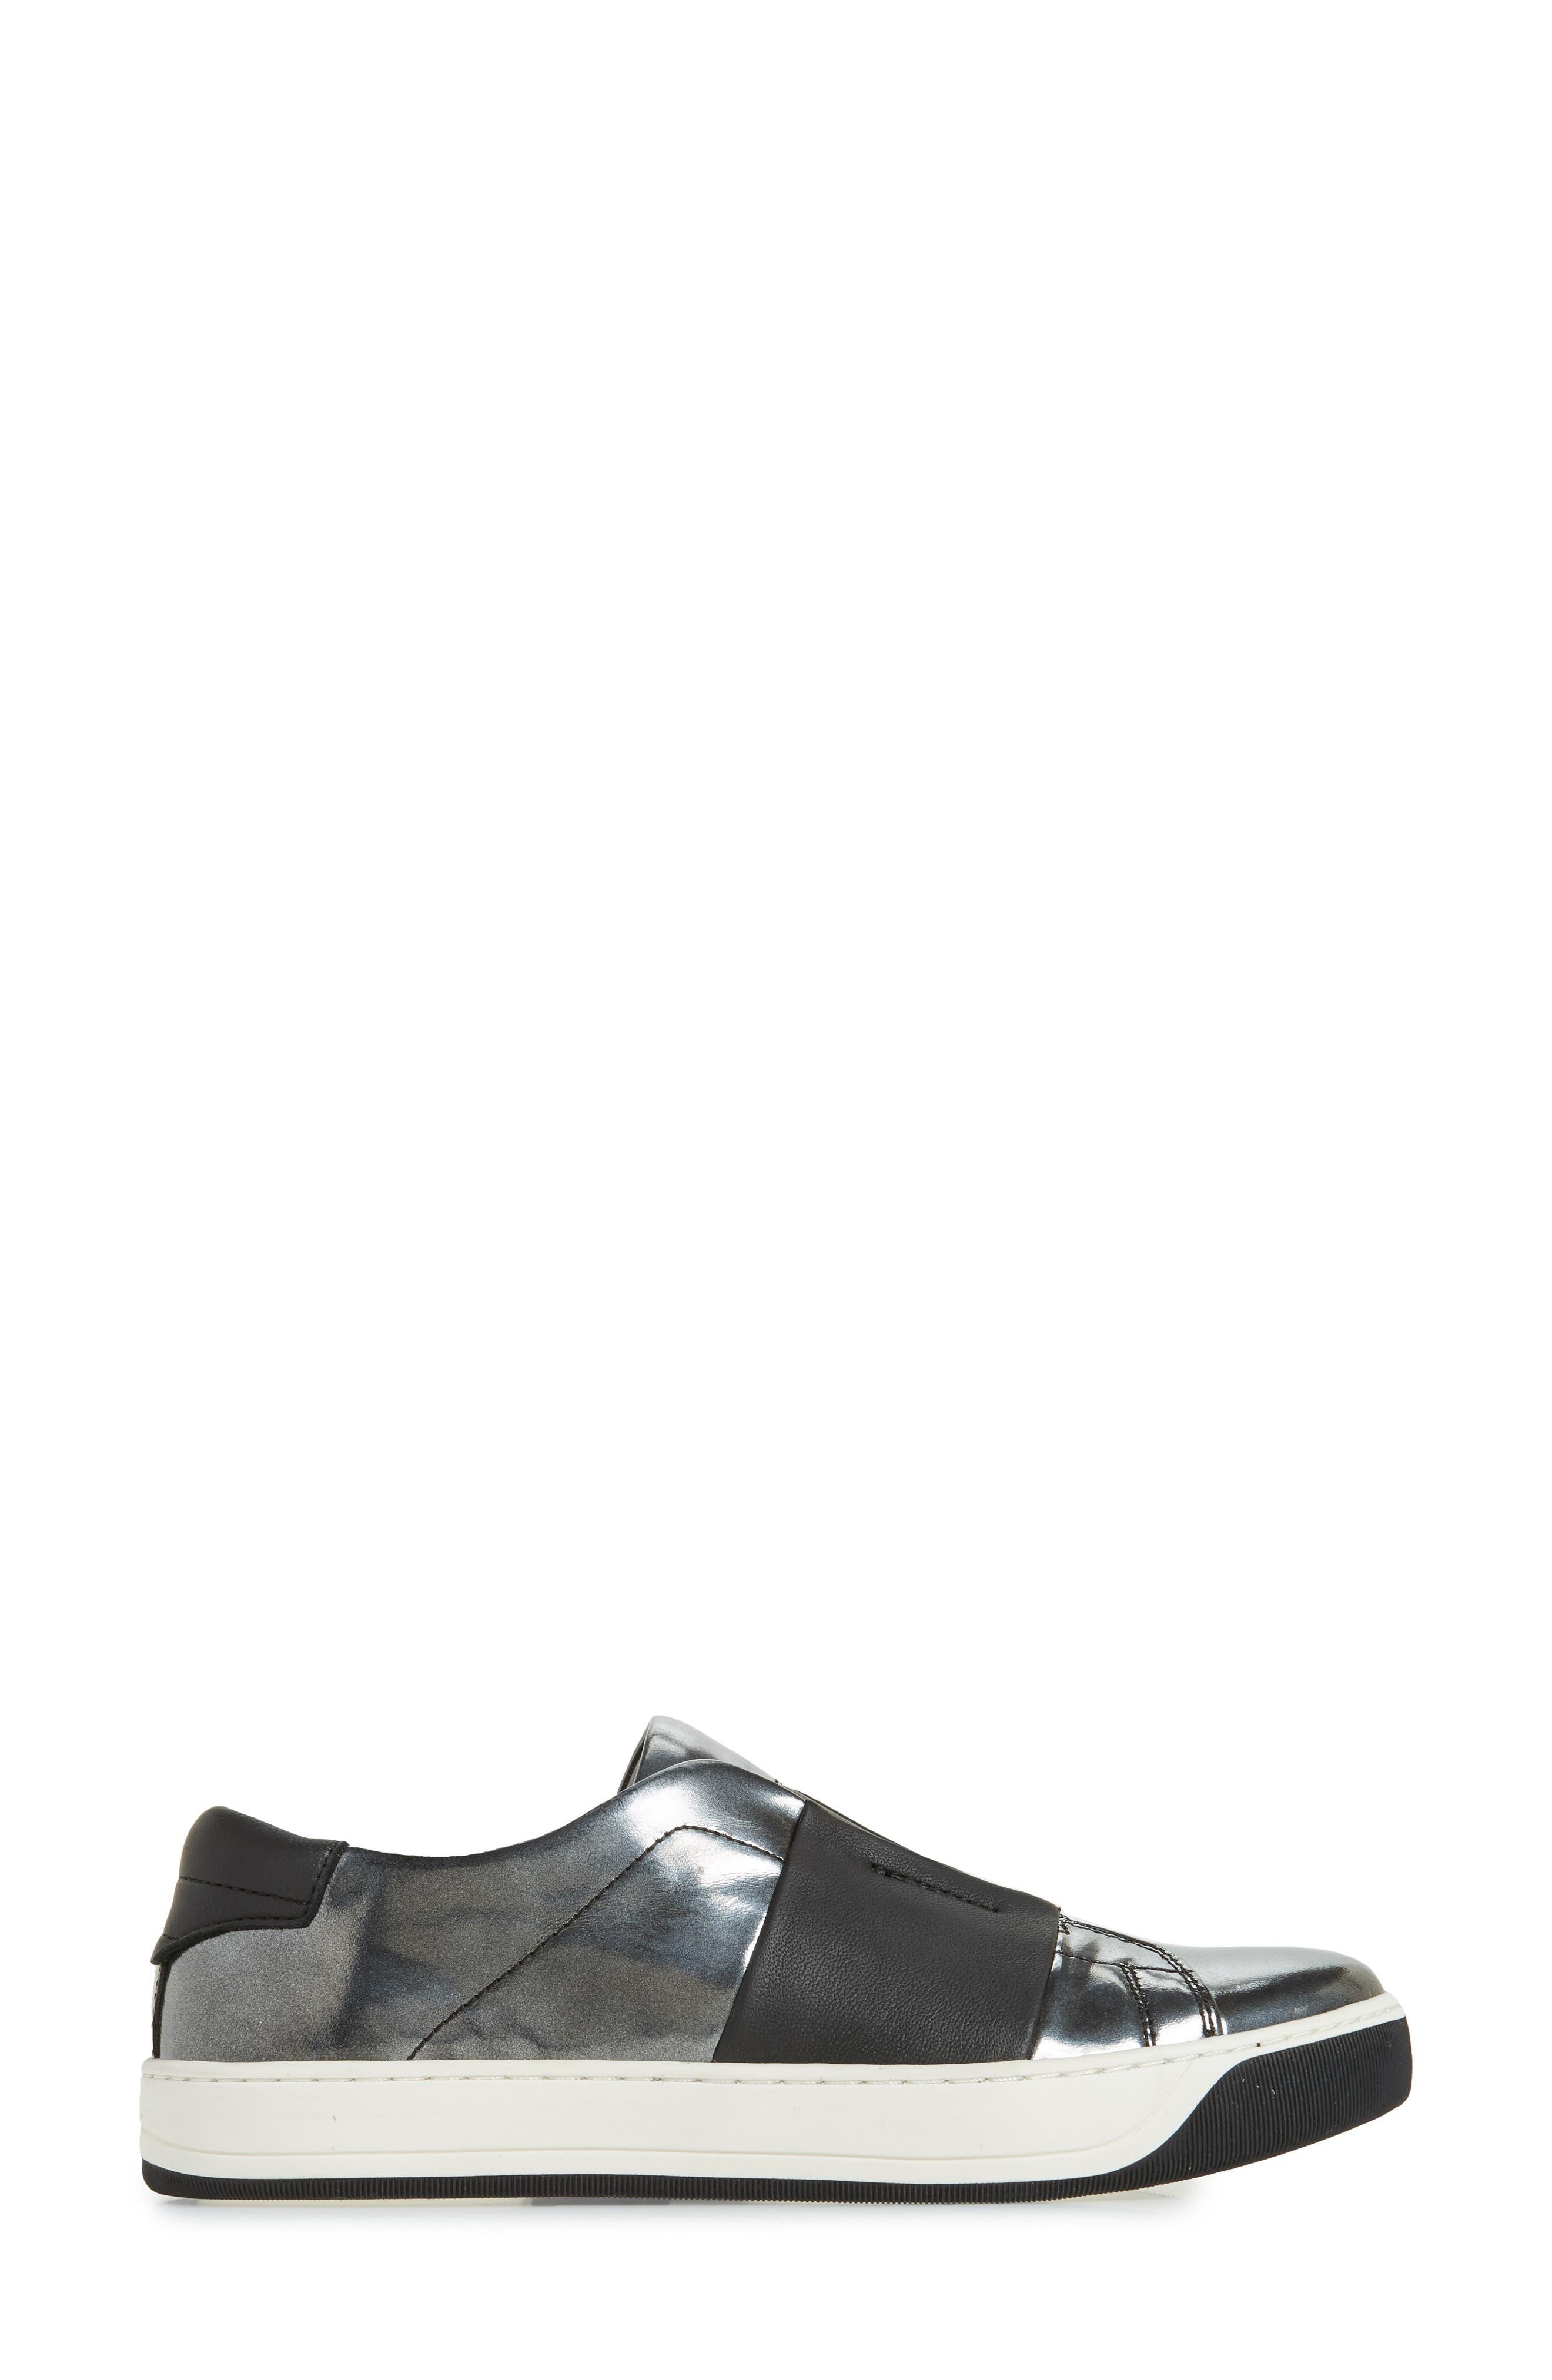 JOHNSTON & MURPHY,                             Eden Slip-On Sneaker,                             Alternate thumbnail 3, color,                             GRAPHITE LEATHER